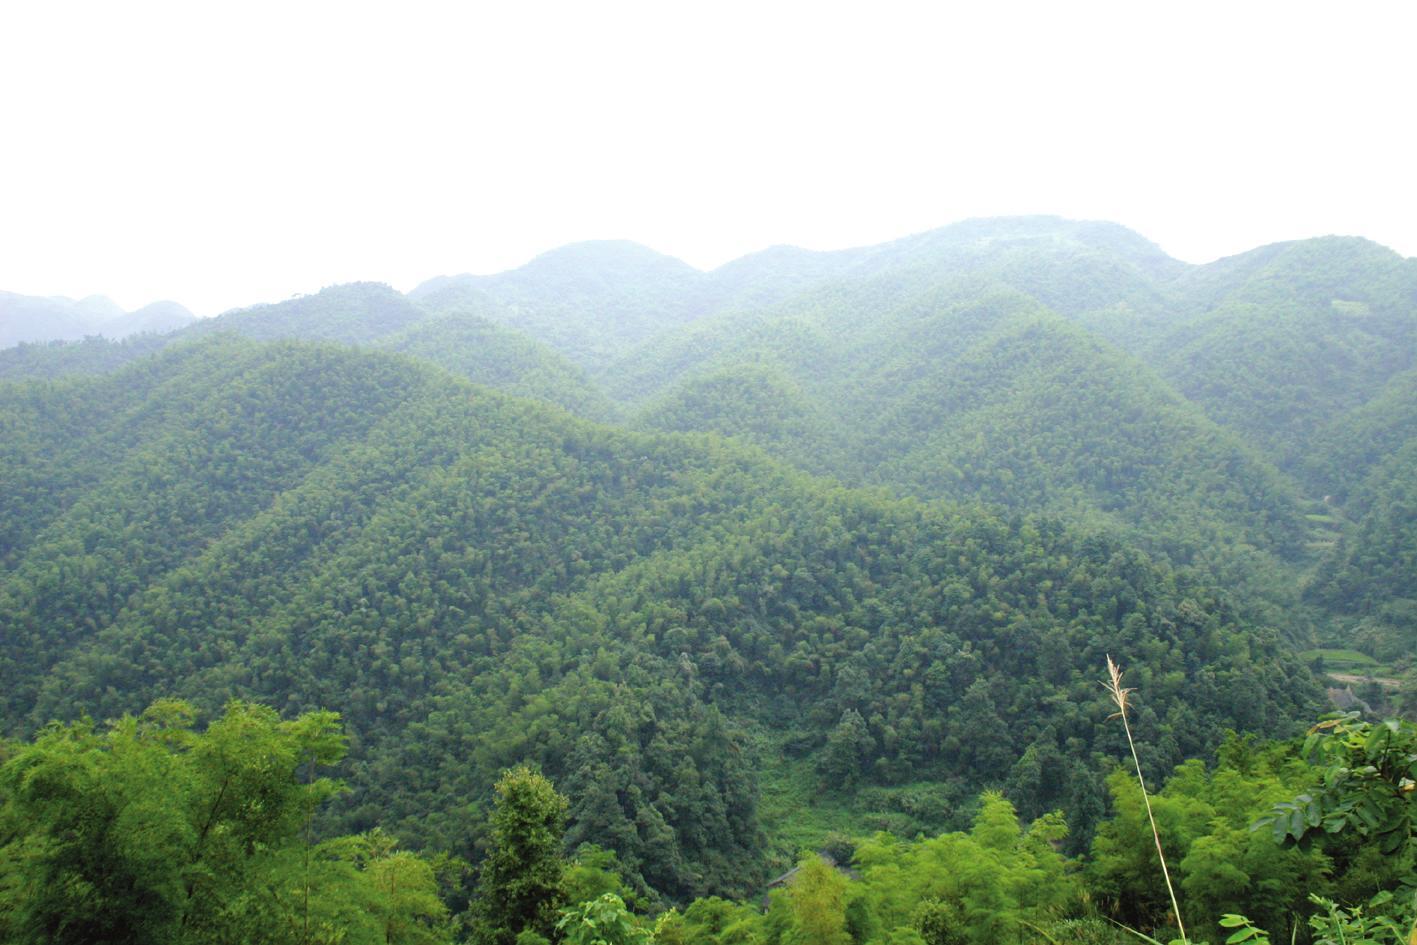 定南县林业局定南县2018-2019年度低质低效林改造项目